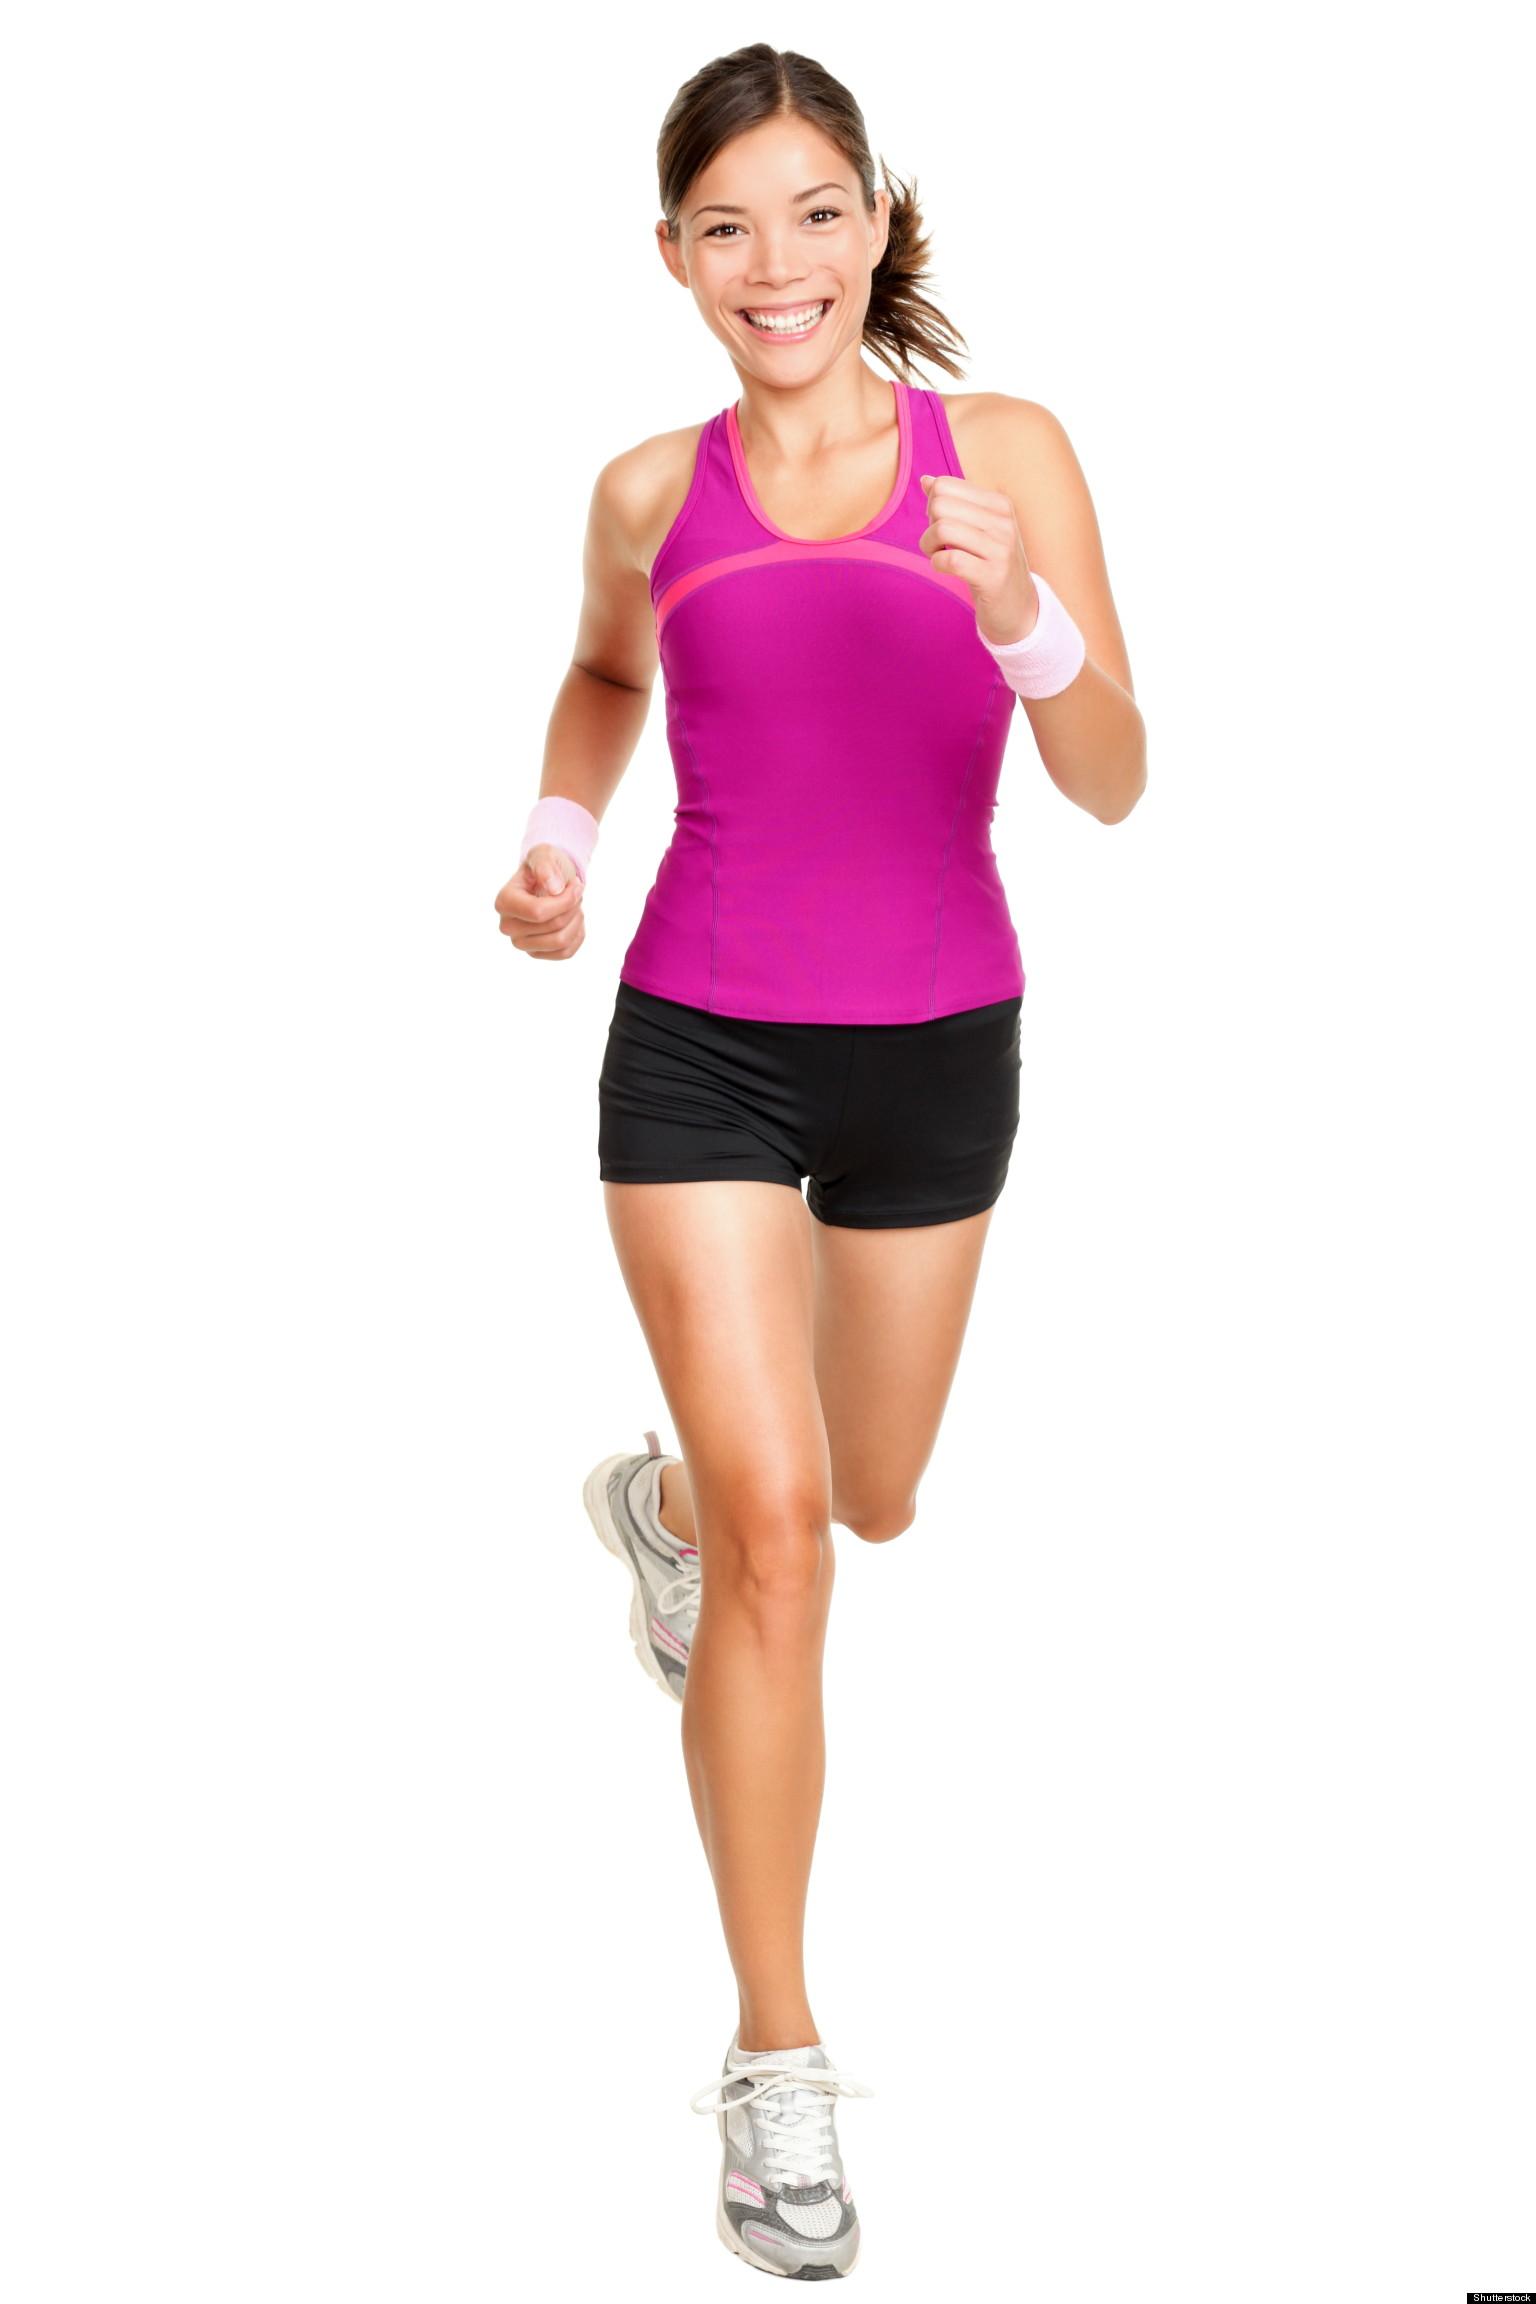 Фитнес девушка в белом 5 фотография